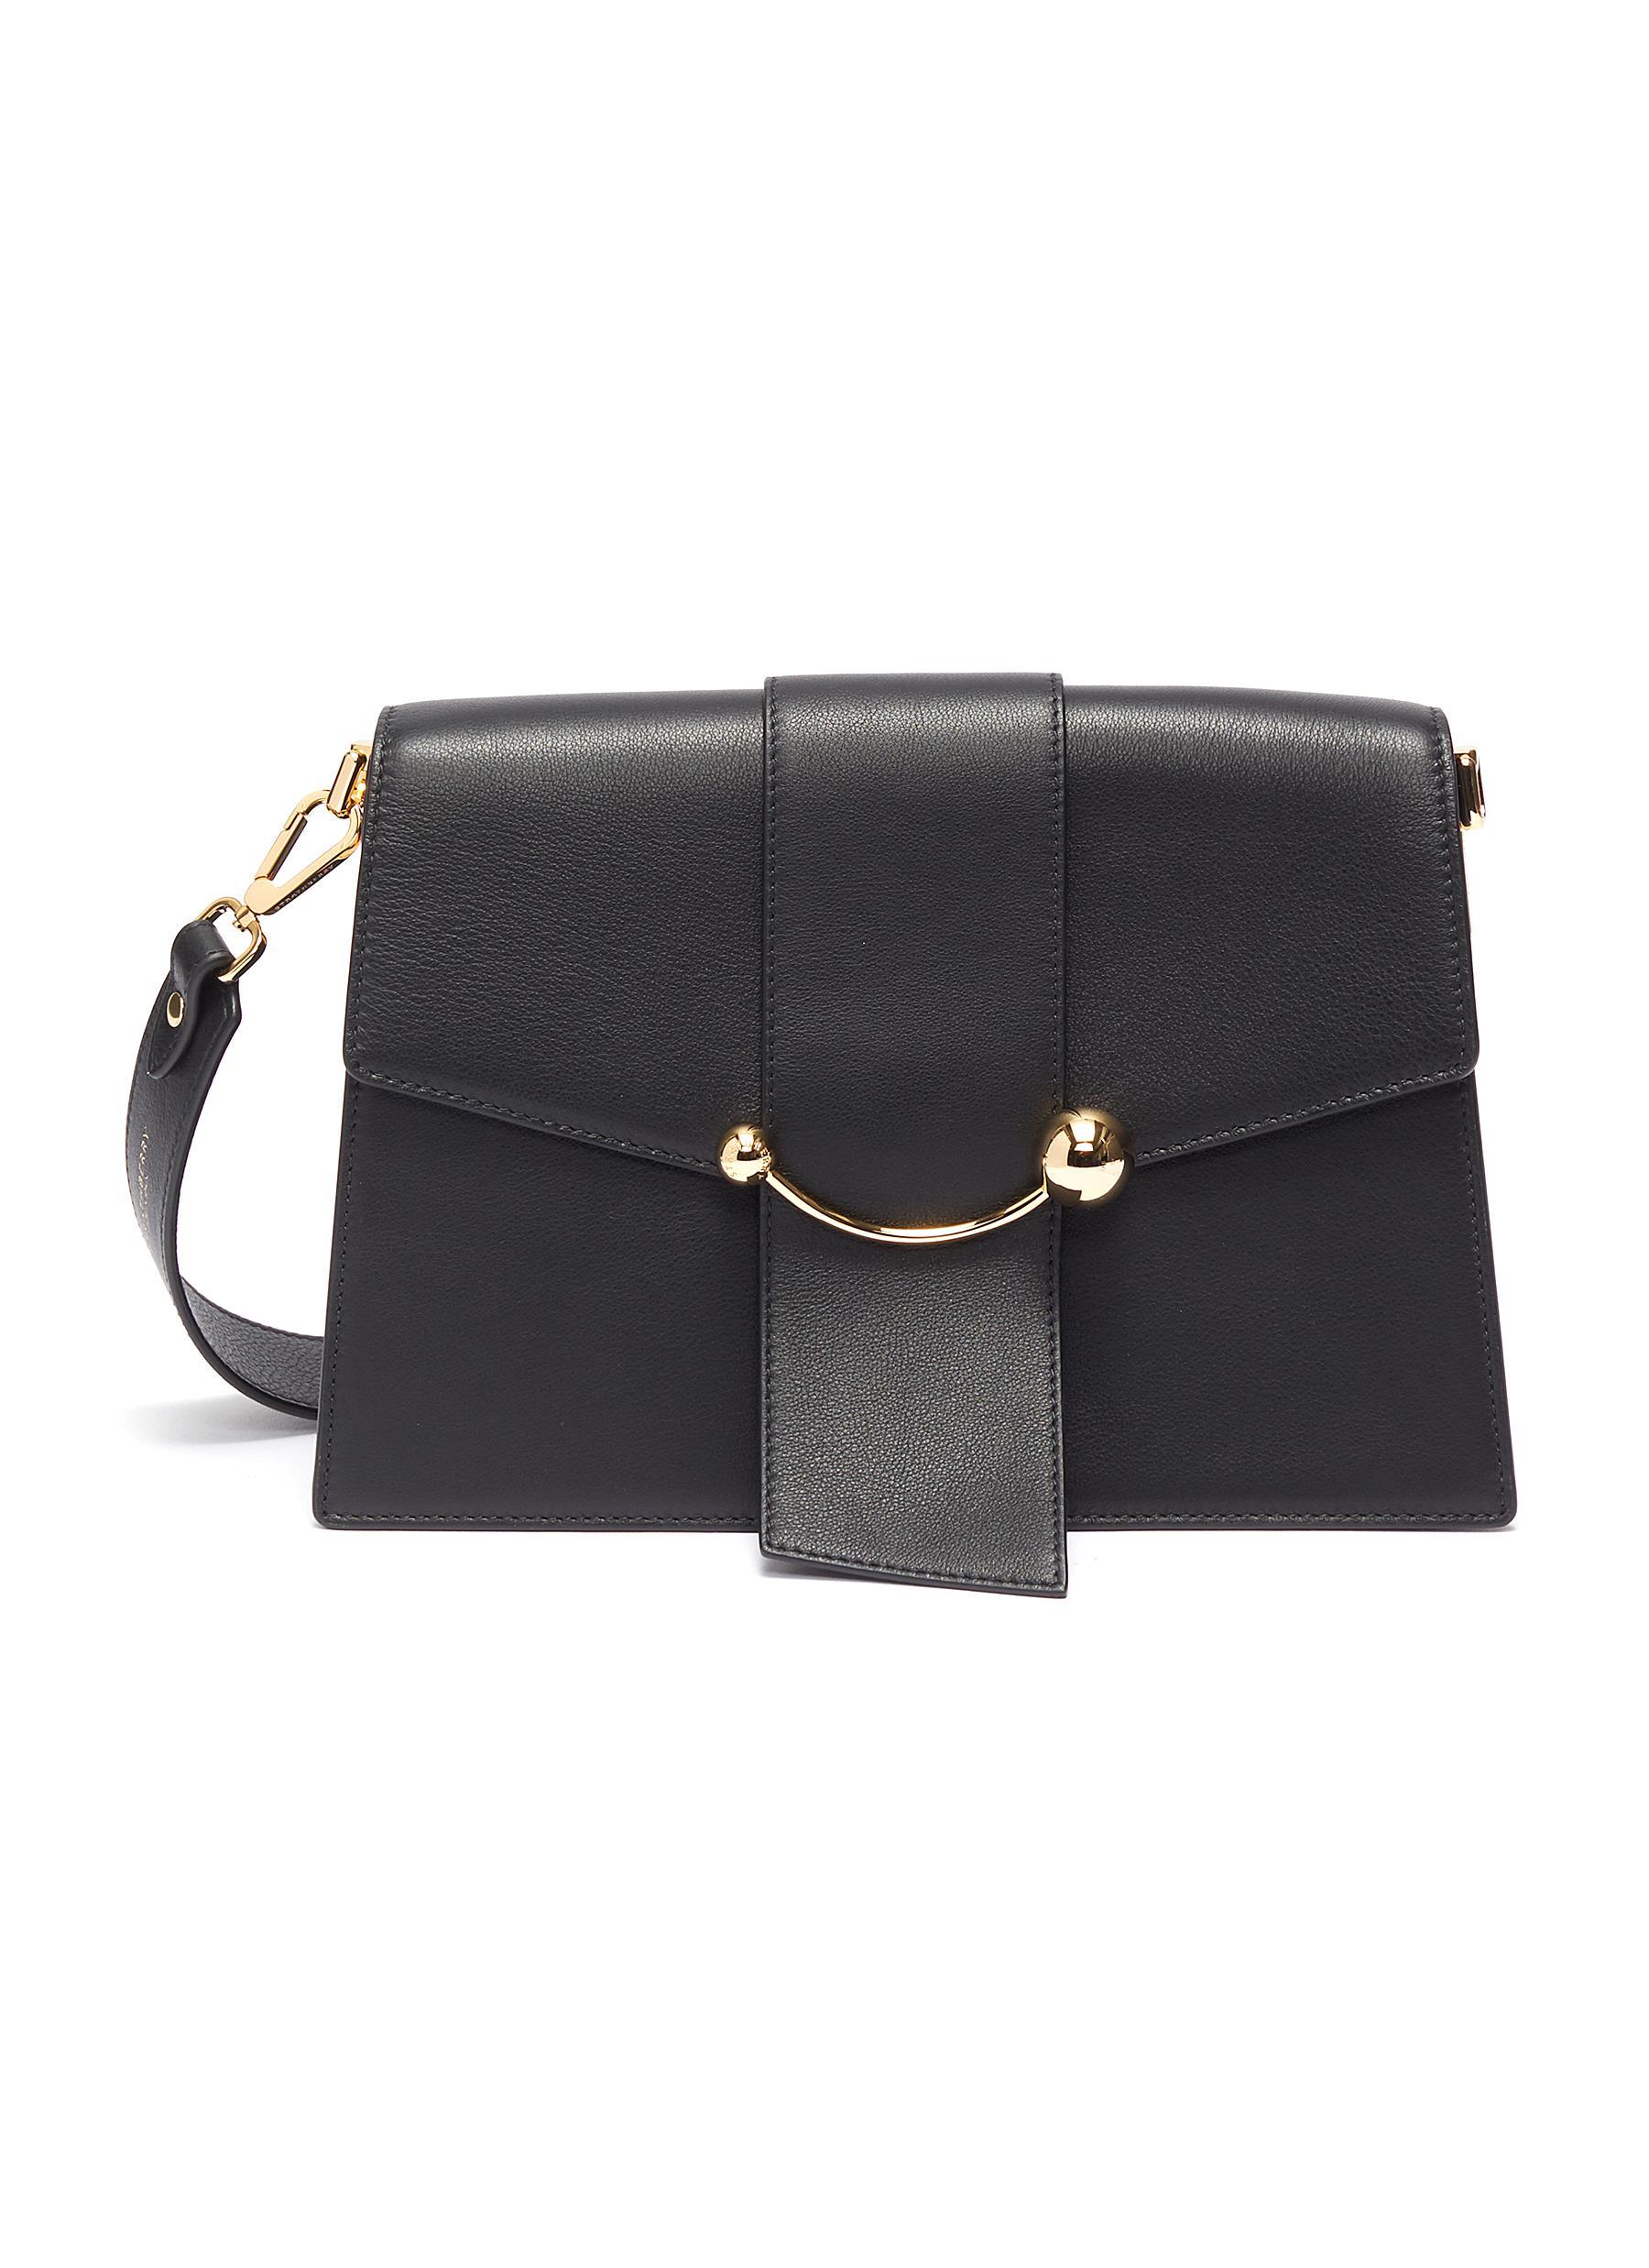 Strathberry 'crescent' Arc Bar Leather Shoulder Bag In Black